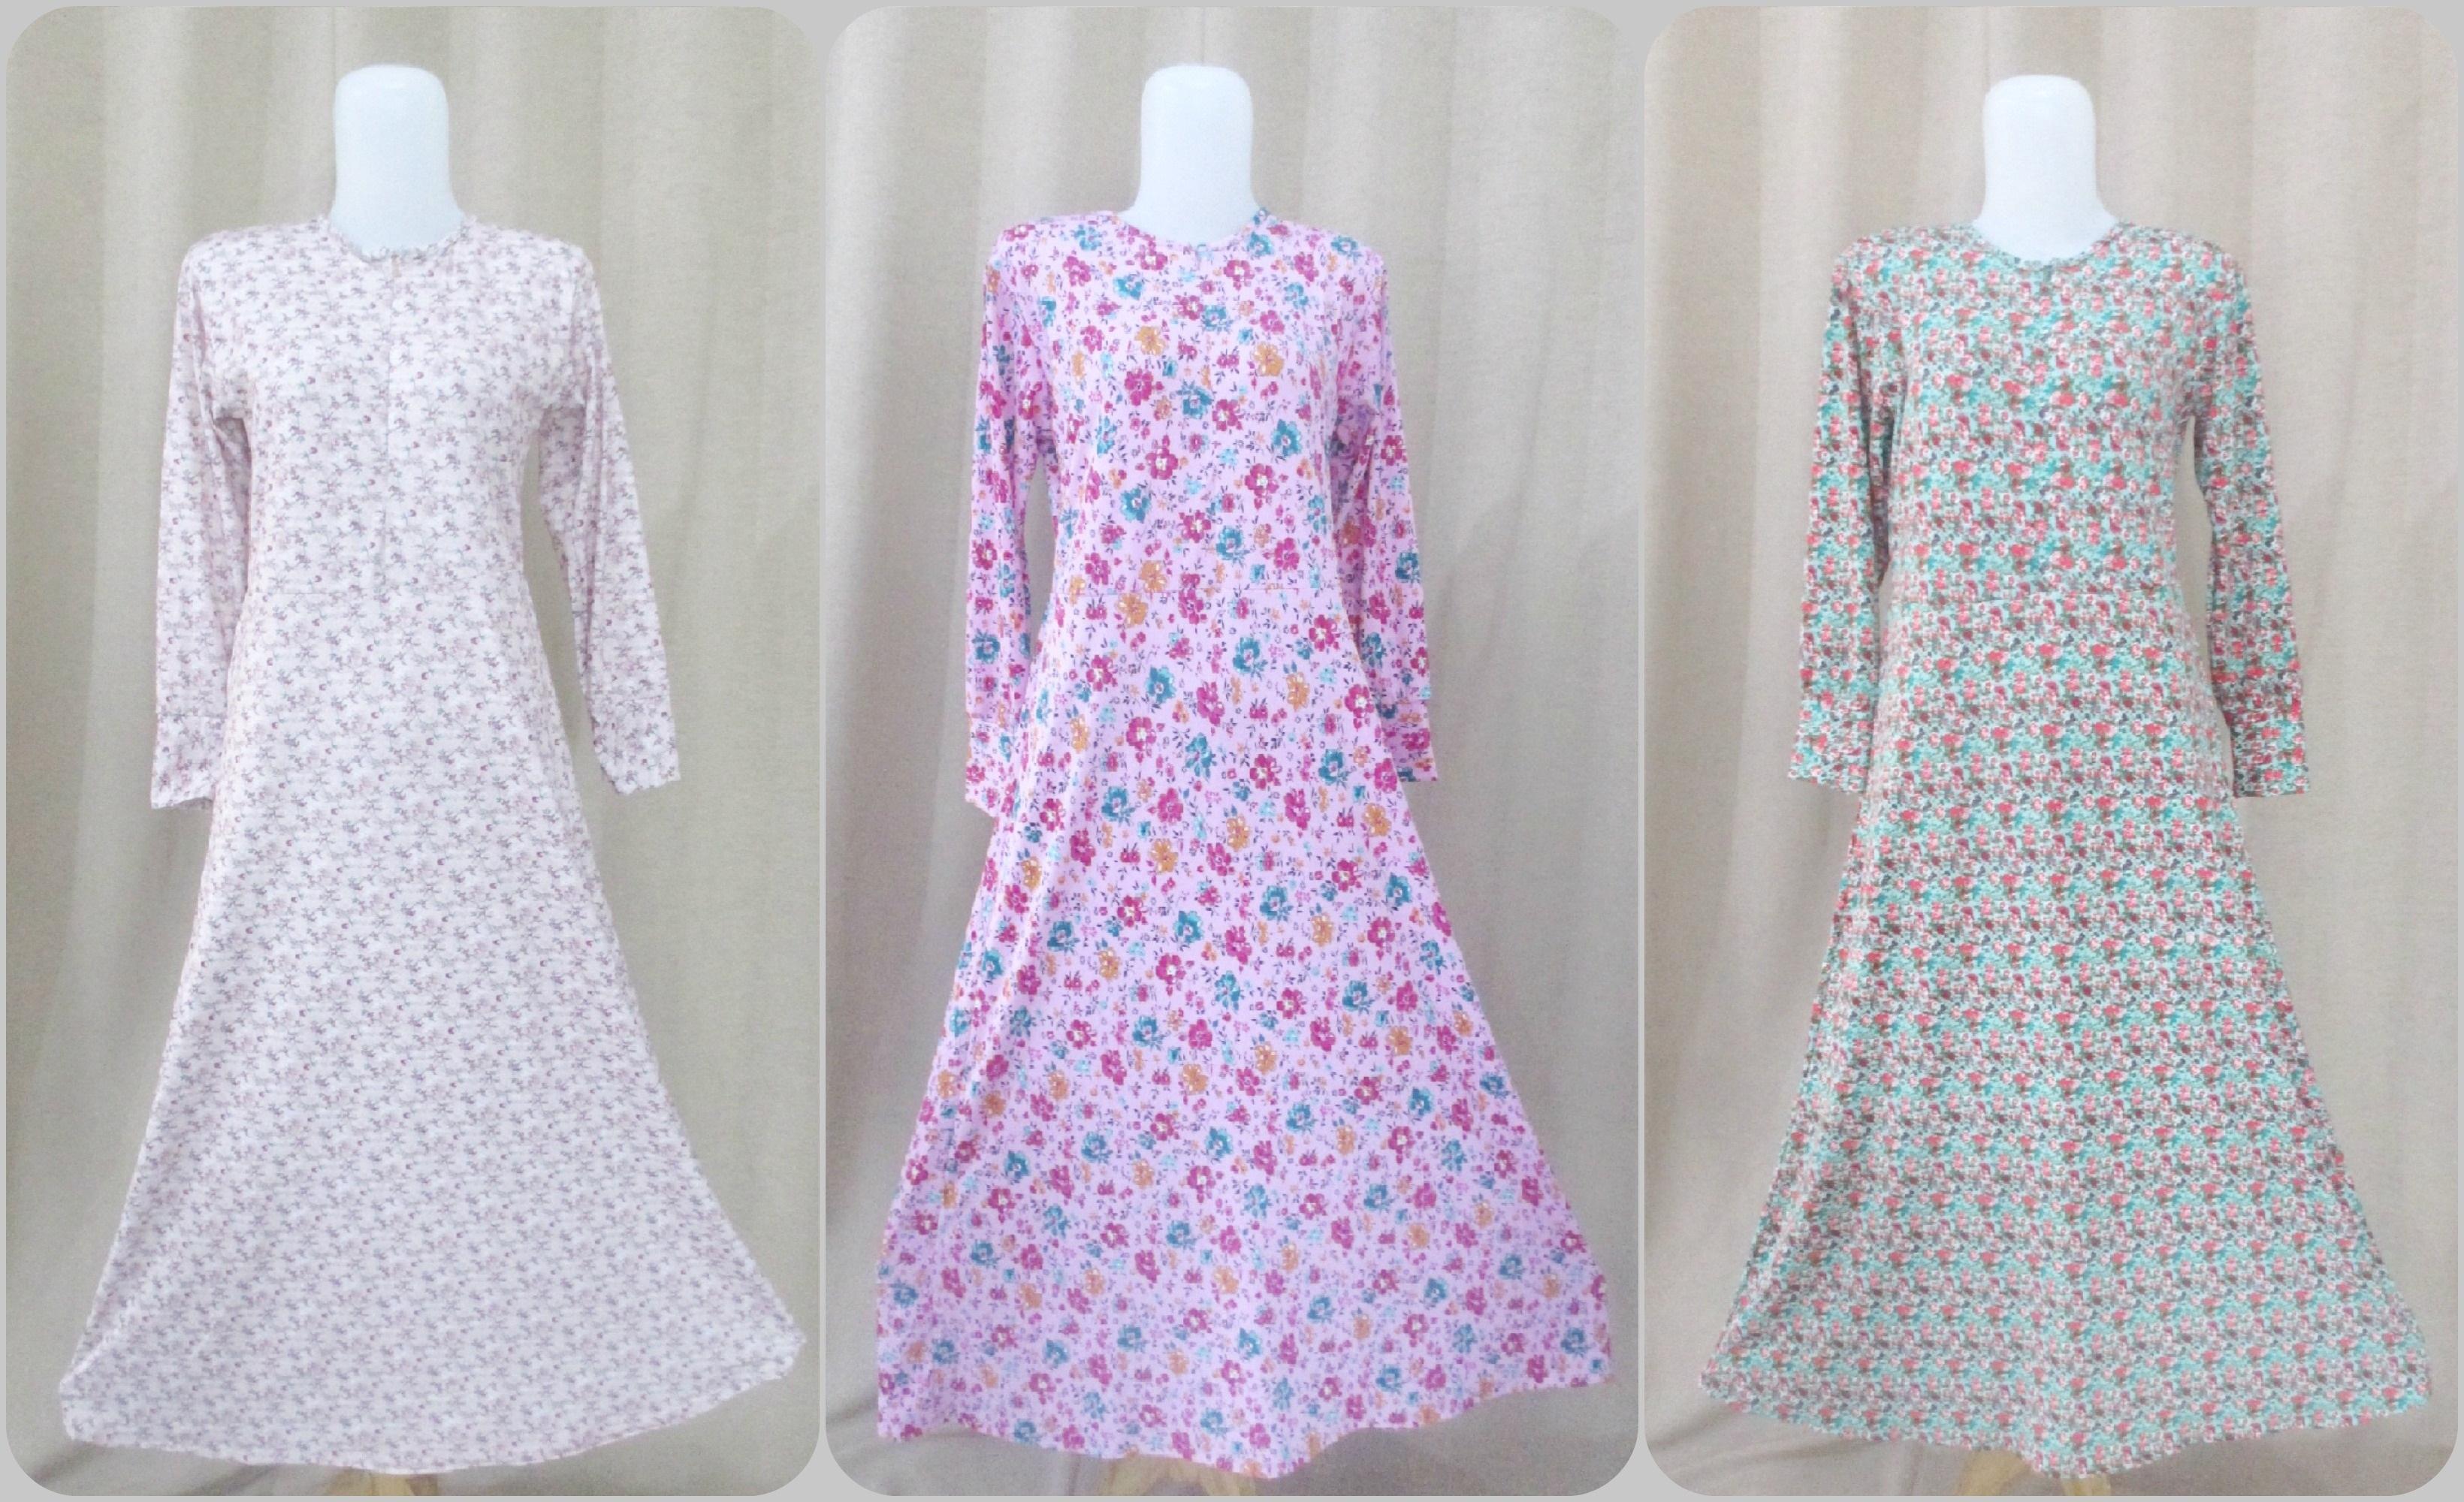 Pusat Obral Grosir Baju Anak 5000 Mukena Katun Jepang Murah Meriah Langsung Dari Pabrik Grosir Gamis Seragam Ibu-ibu Pengajian Rp. 50.000